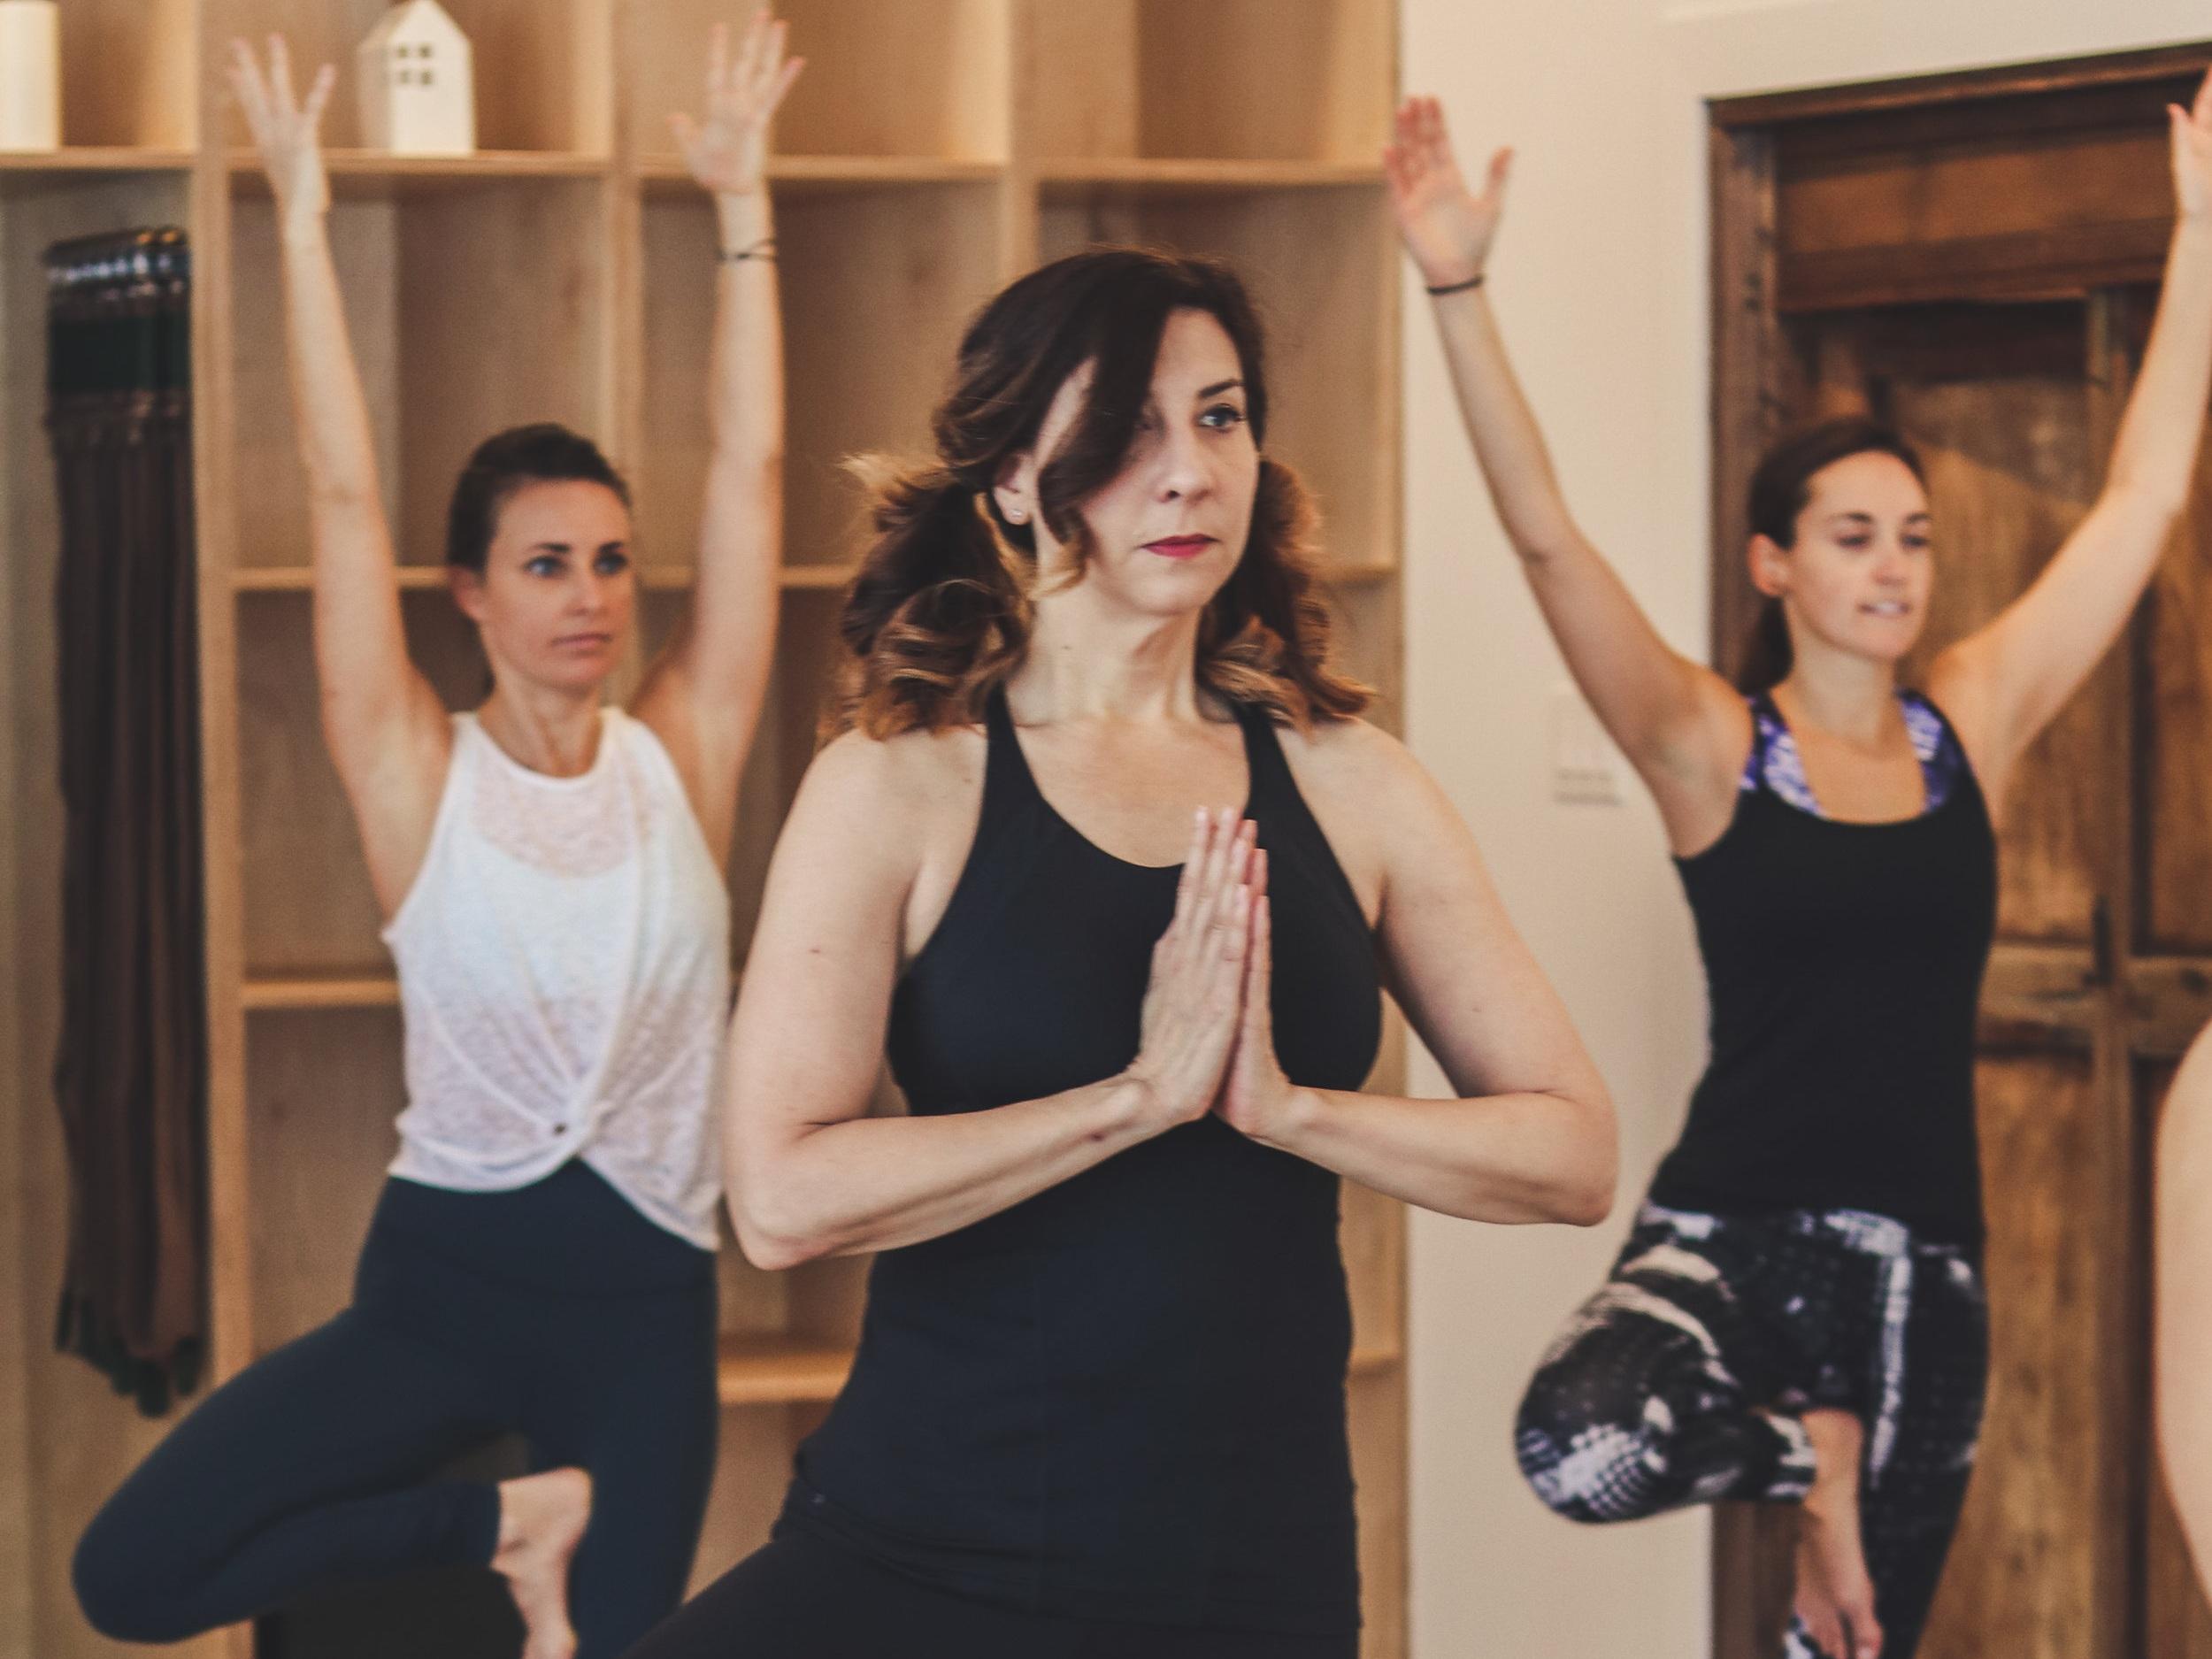 YOGA HATHA - Apprenez les asanas de base qui sont à les fondements de tous les autres styles de yoga. Ces postures sont tenues un peu plus longtemps dans cette classe. L'accent sera mis sur la respiration, la relaxation et la pratique de la pleine conscience.